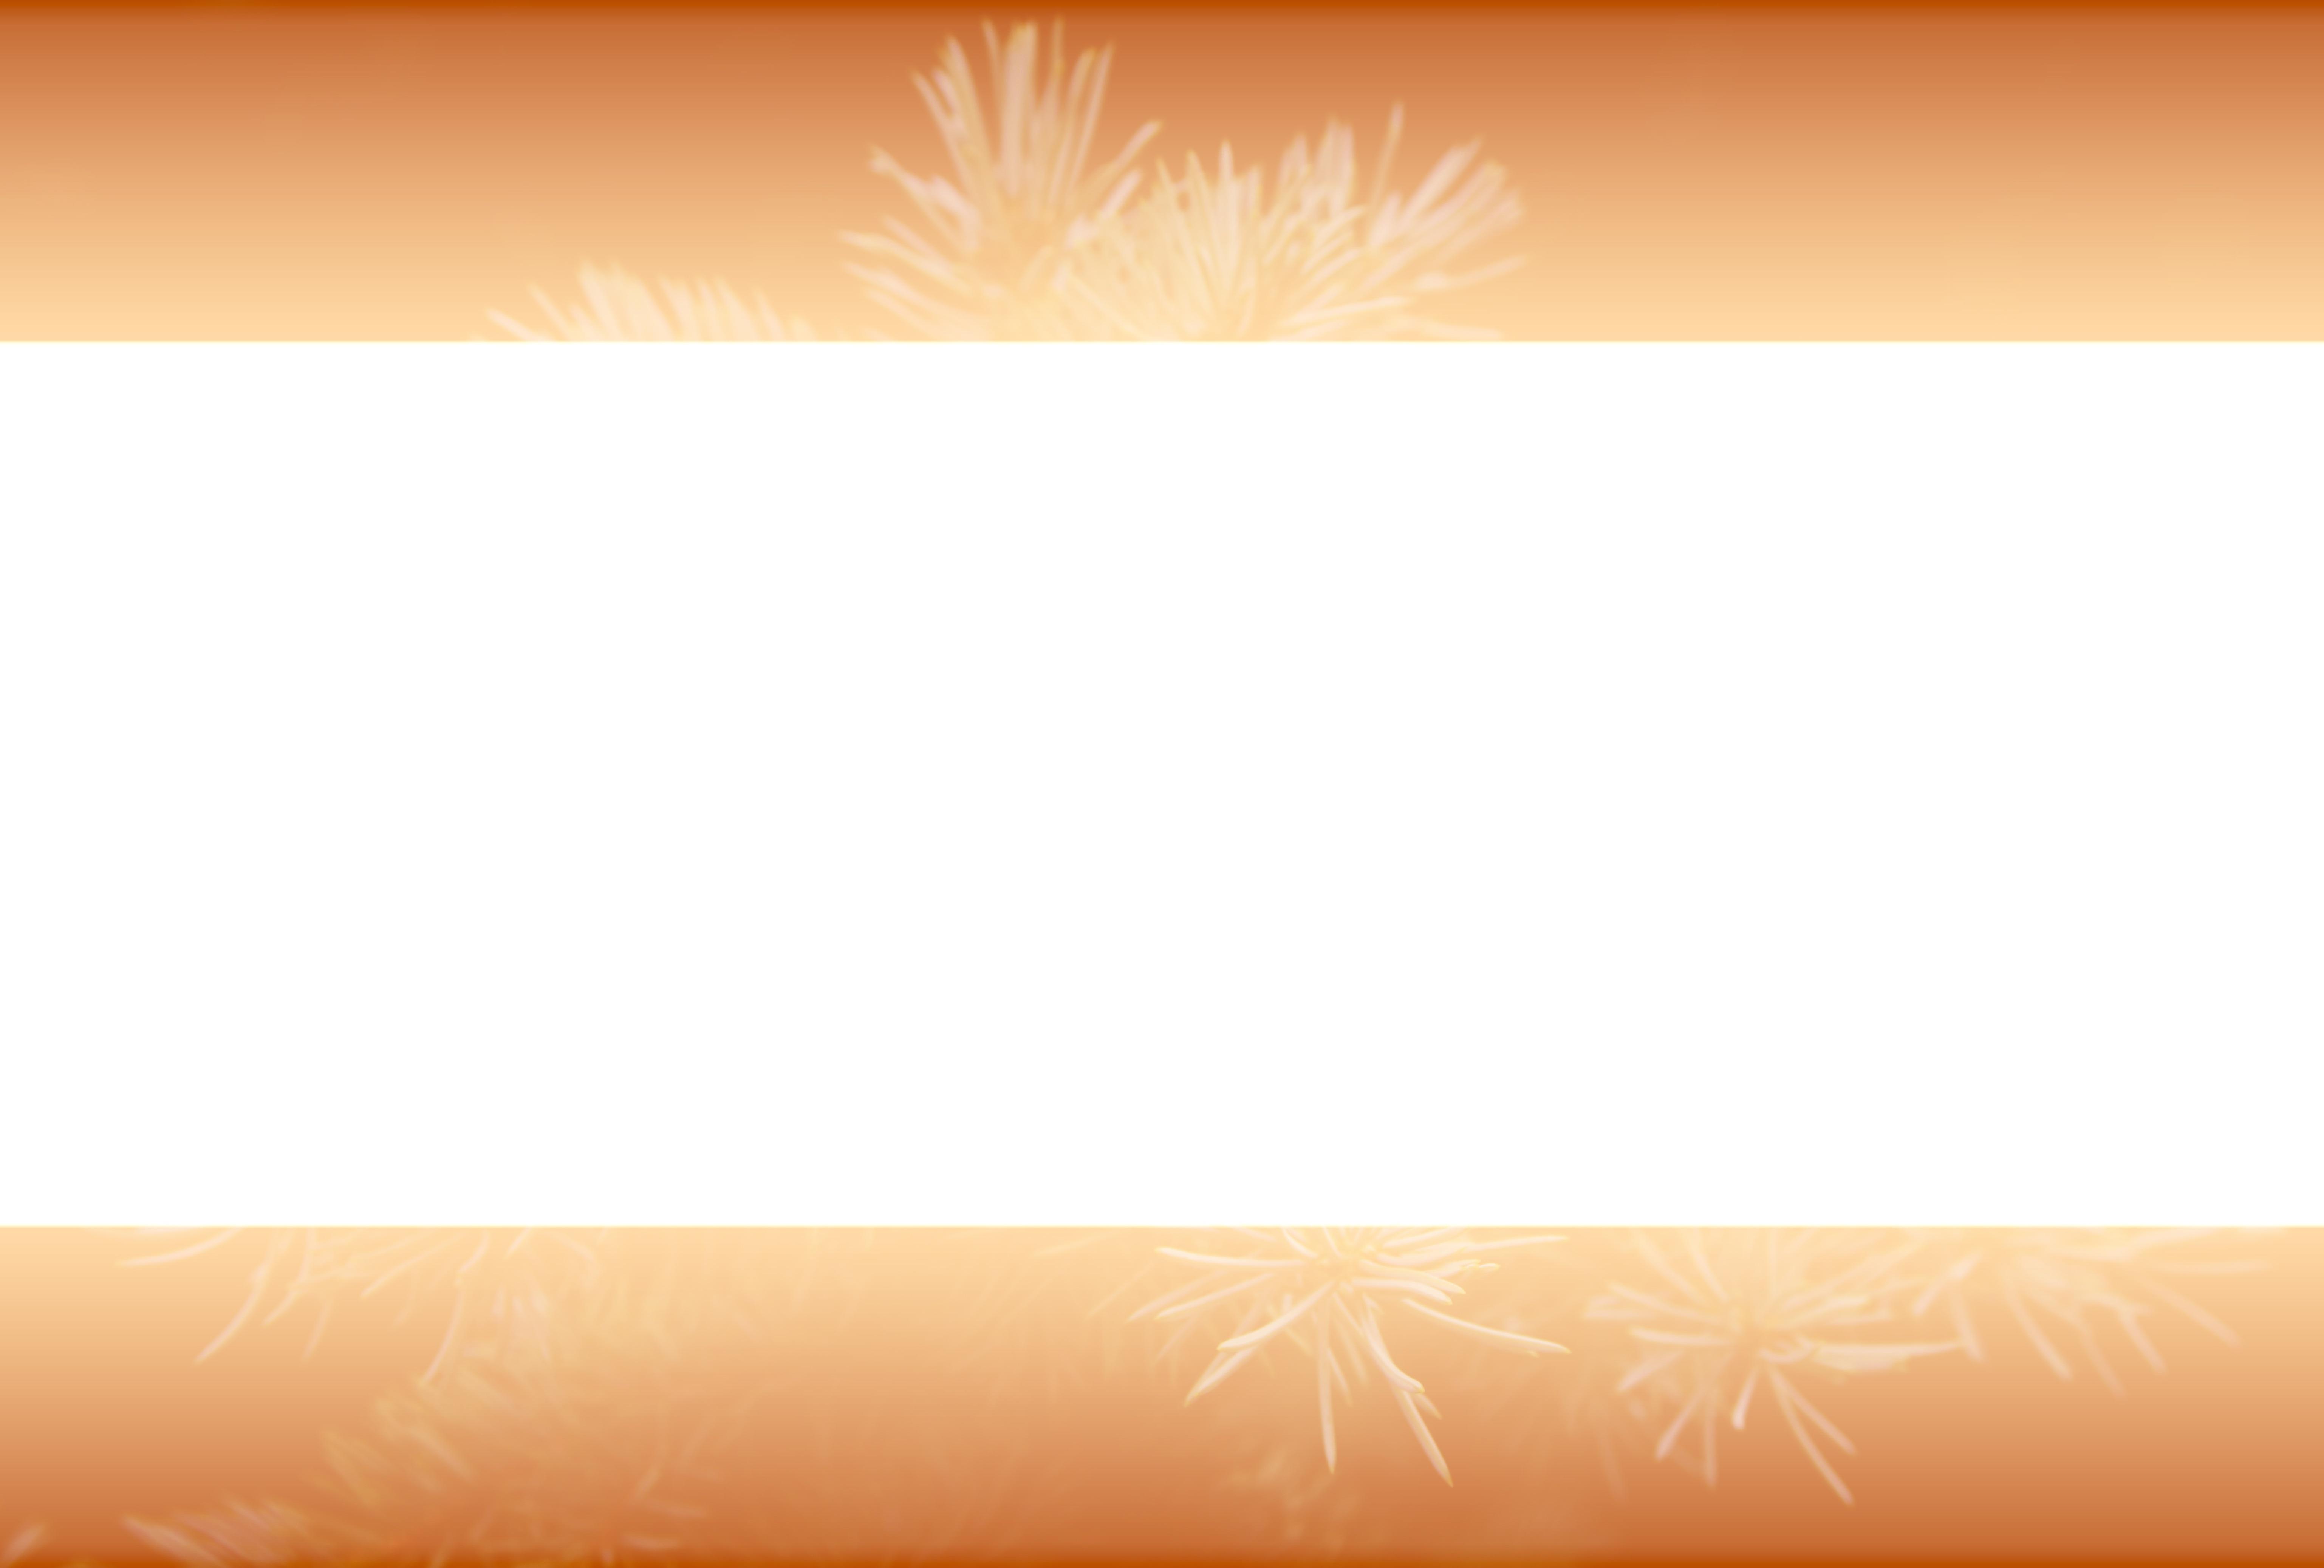 Kostenlose foto : Blütenblatt, Orange, Muster, Linie, Gelb ...